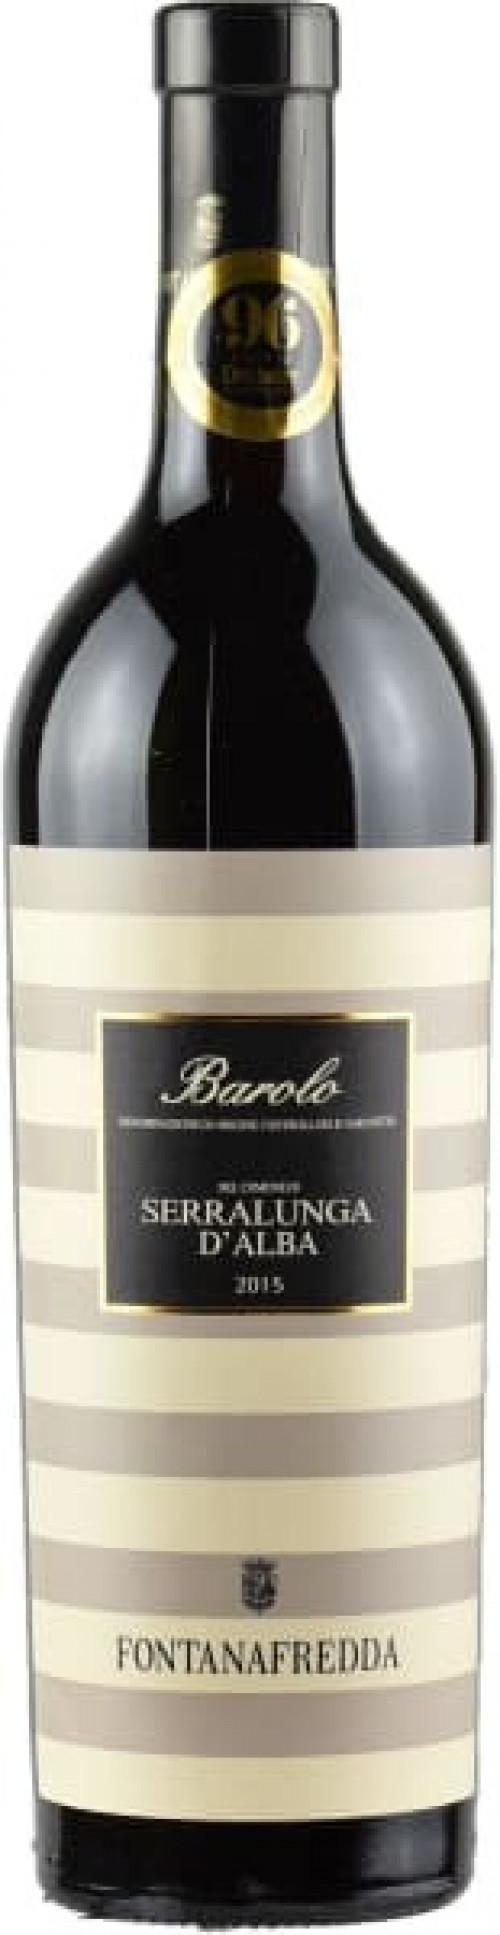 2015 Fontanafredda Barolo Serralunga 750ml